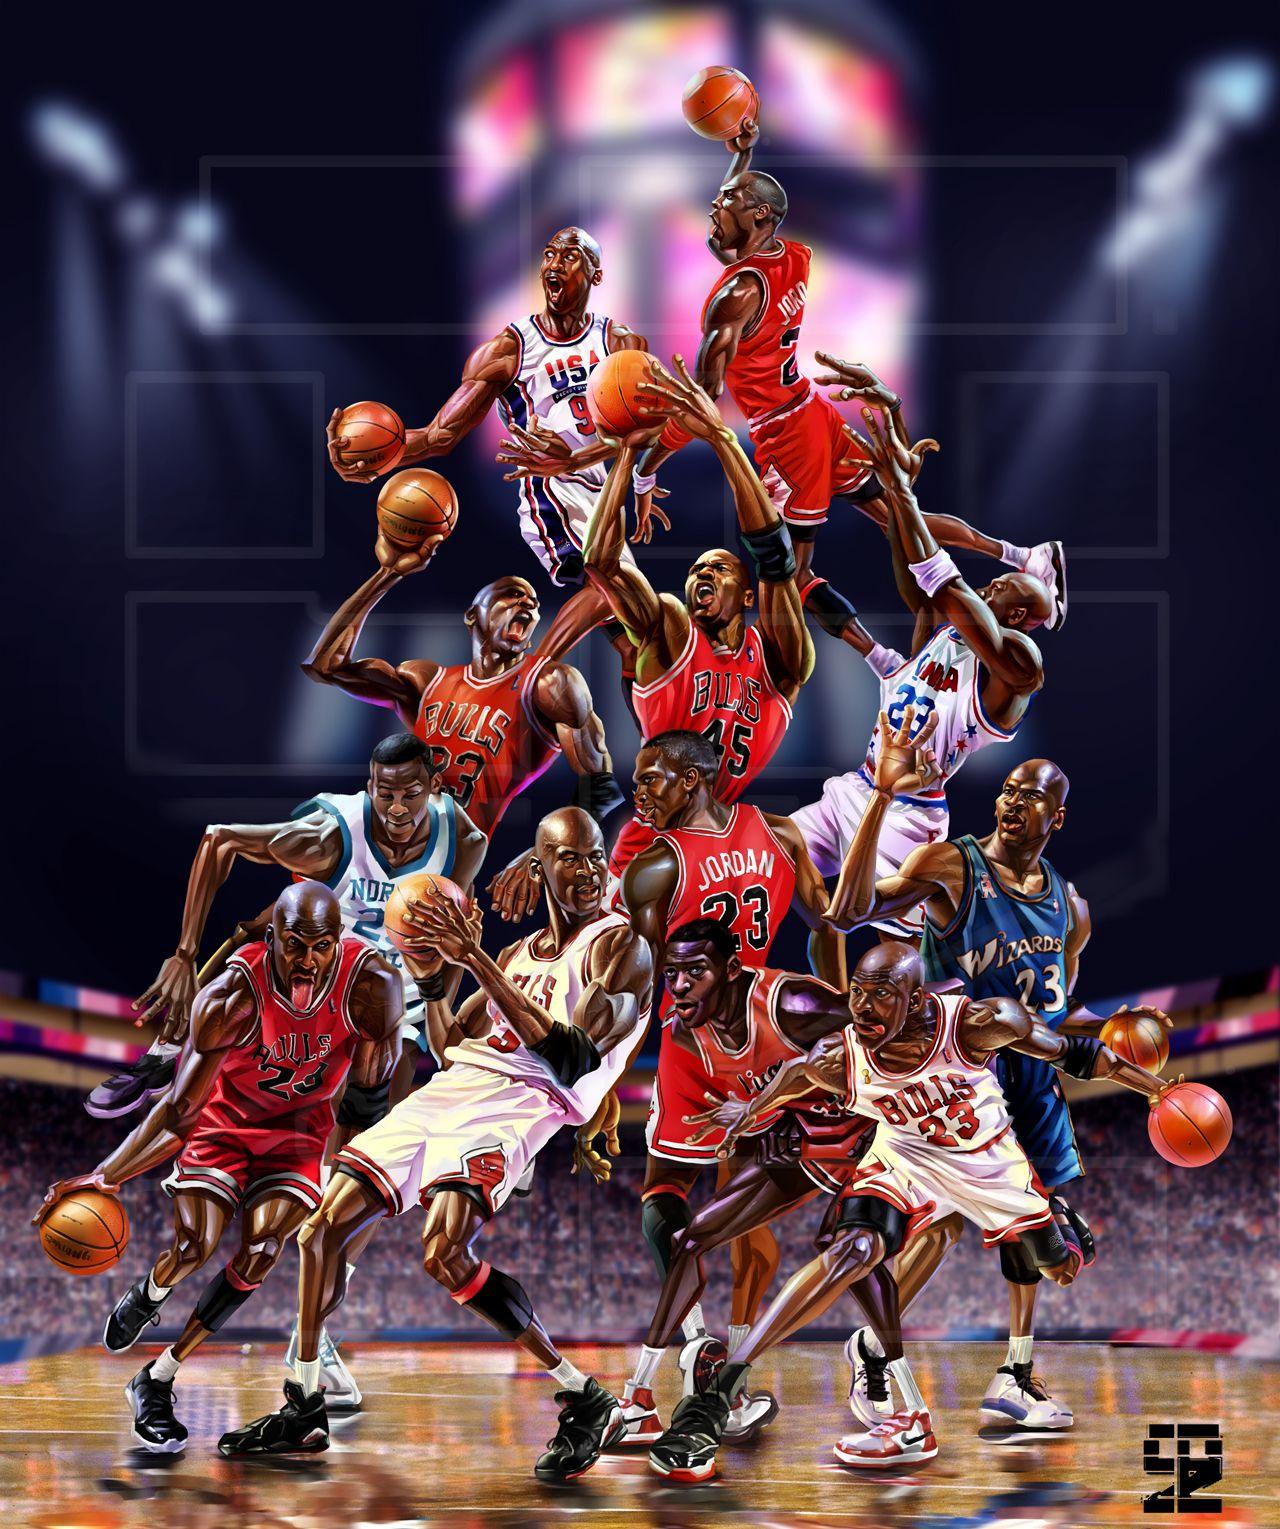 Michael Jordan  a08682934a9ca